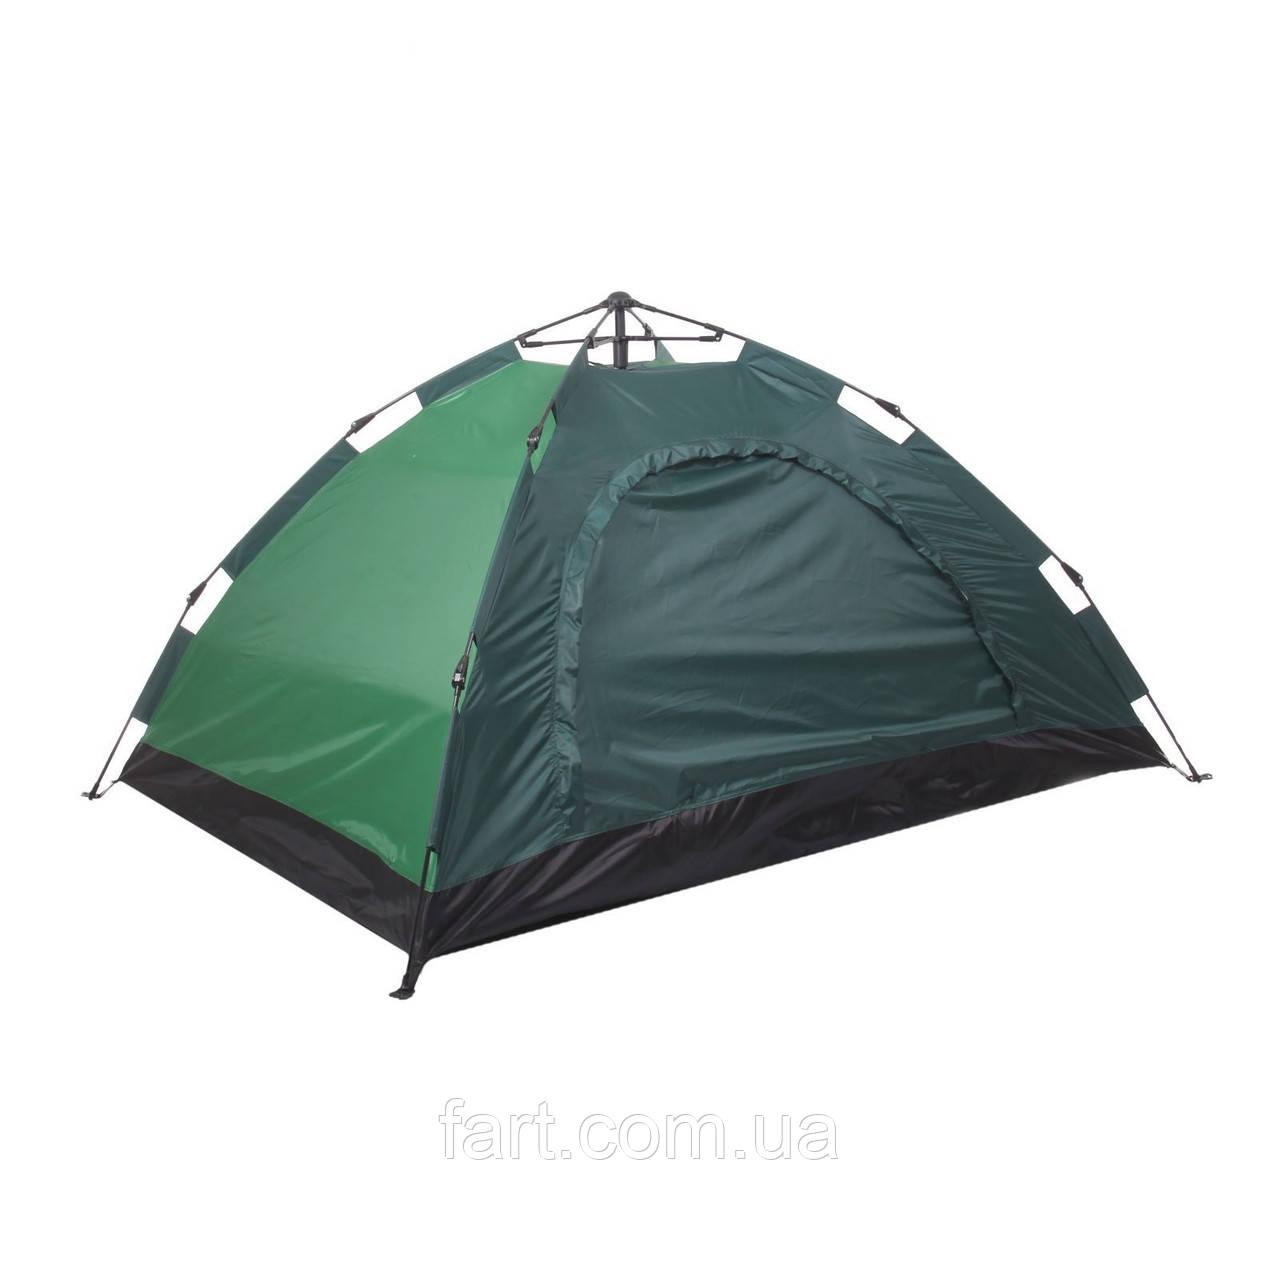 Палатка-автомат 4-х местная ЗЕЛЕНАЯ №5-4